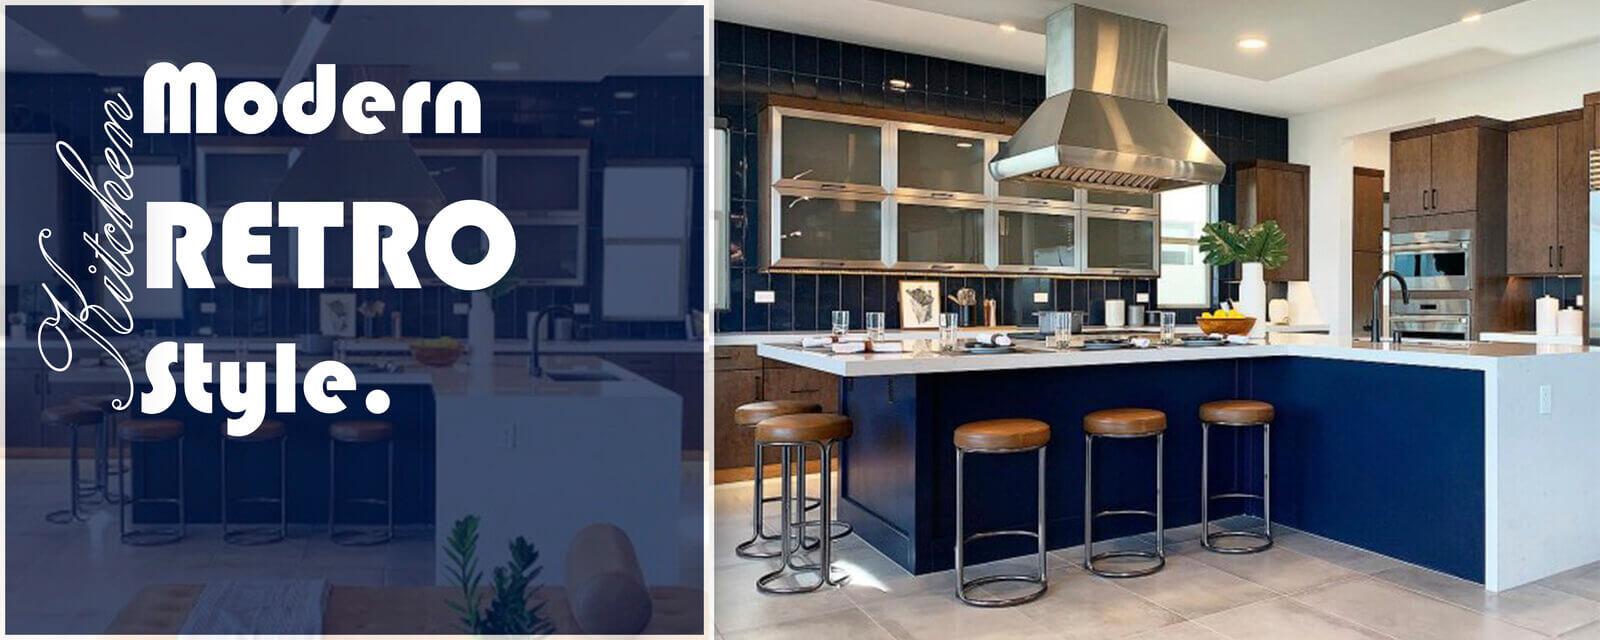 Modern Retro Style | Kitchen